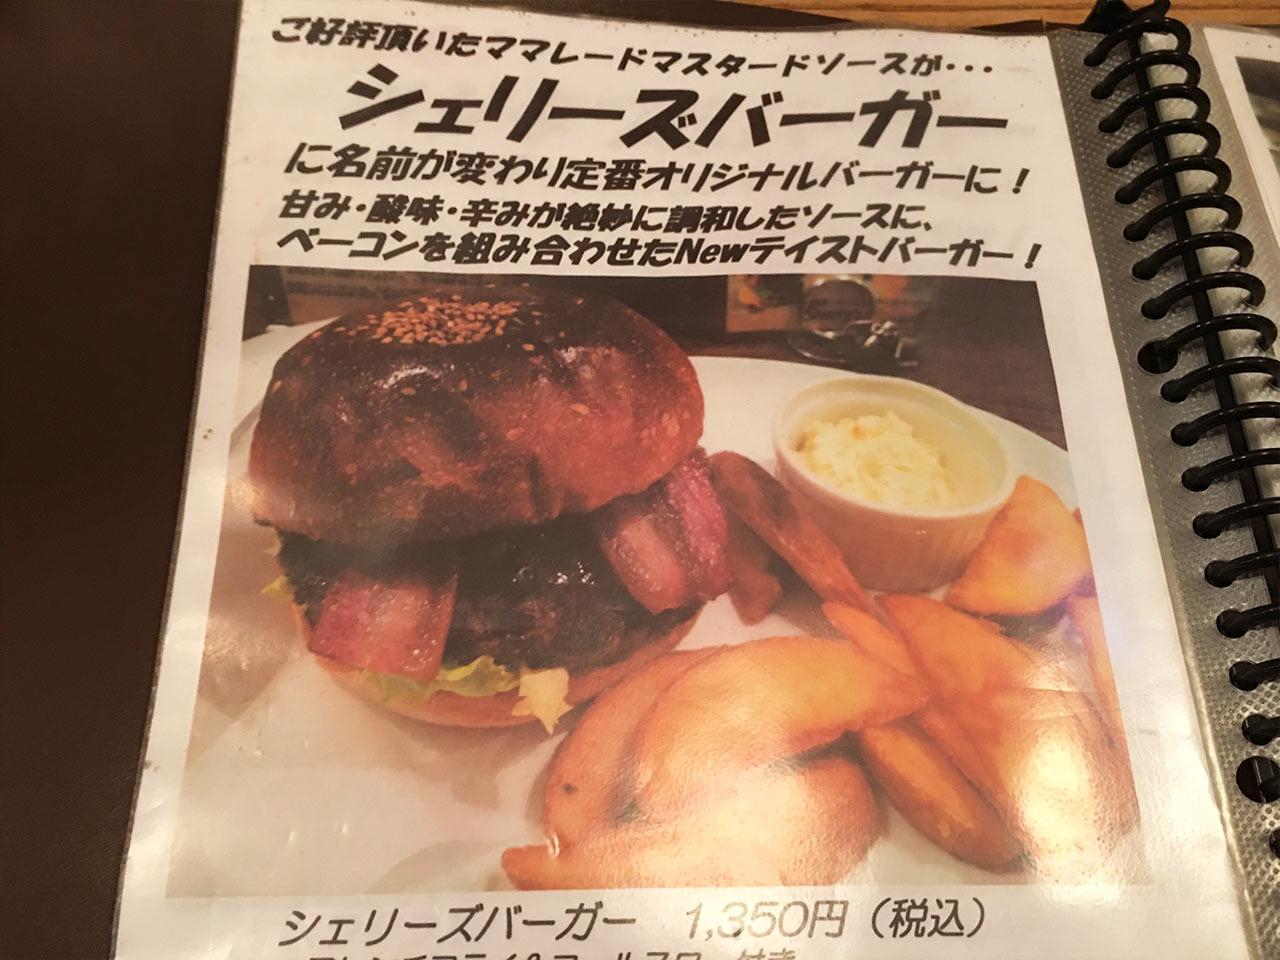 武蔵小山Sherry's Burger Cafeのメニュー シェリーズバーガー